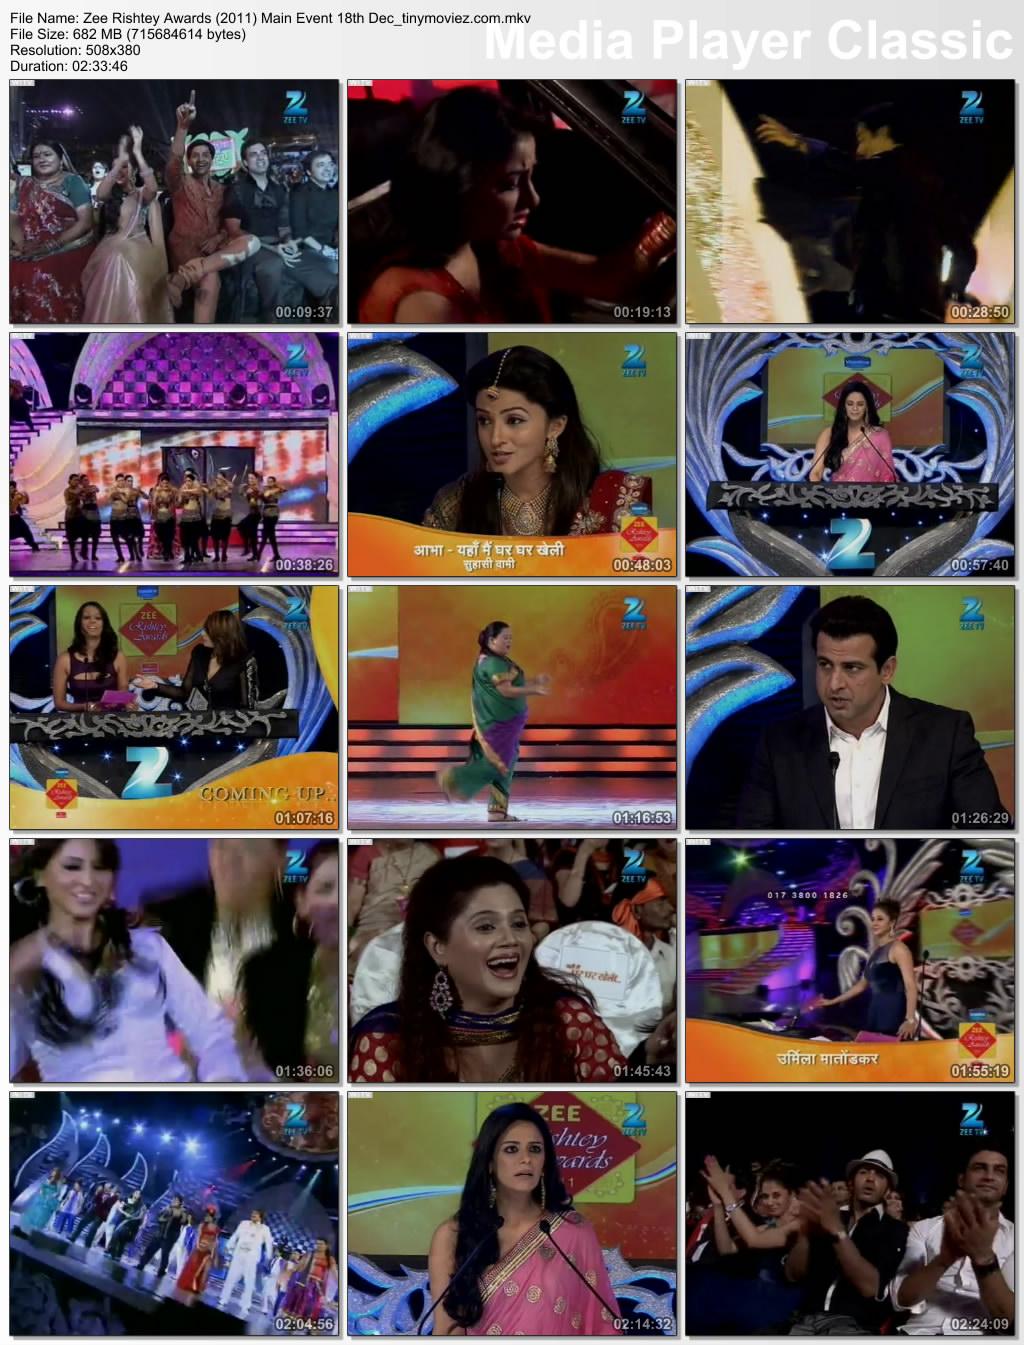 http://2.bp.blogspot.com/-0XTGluSf0oc/TwC1buqZFrI/AAAAAAAAFTM/8_DB6xi3nRI/s1600/Zee+Rishtey+Awards+%25282011%2529+Main+Event+18th+Dec_tinymoviez.com.jpg